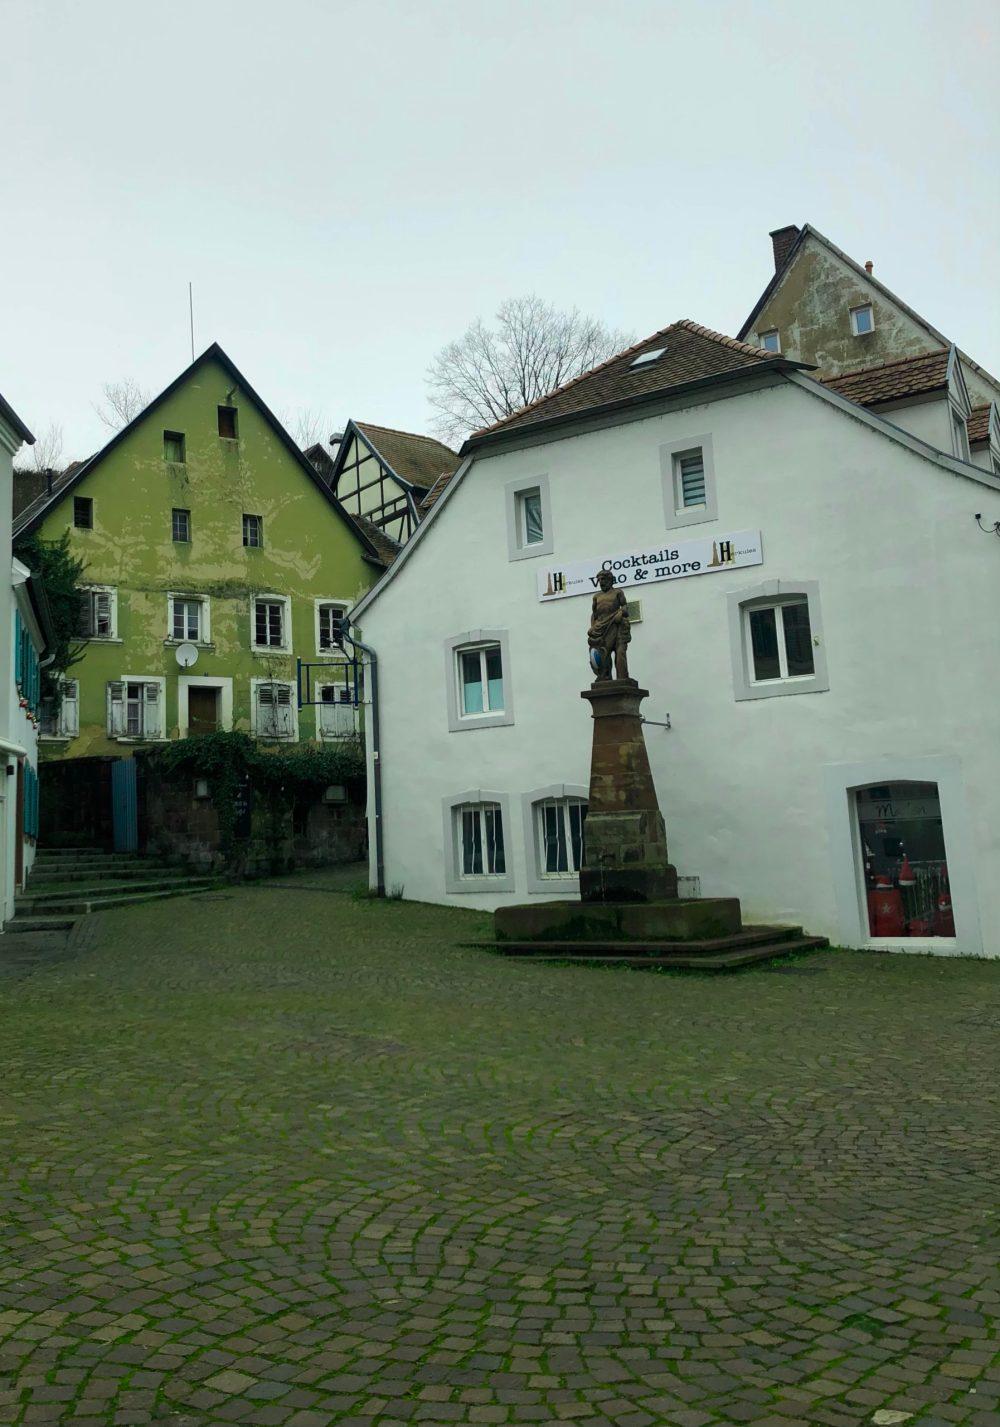 Herkulesbrunnen mit grünem Haus im Hintergrund